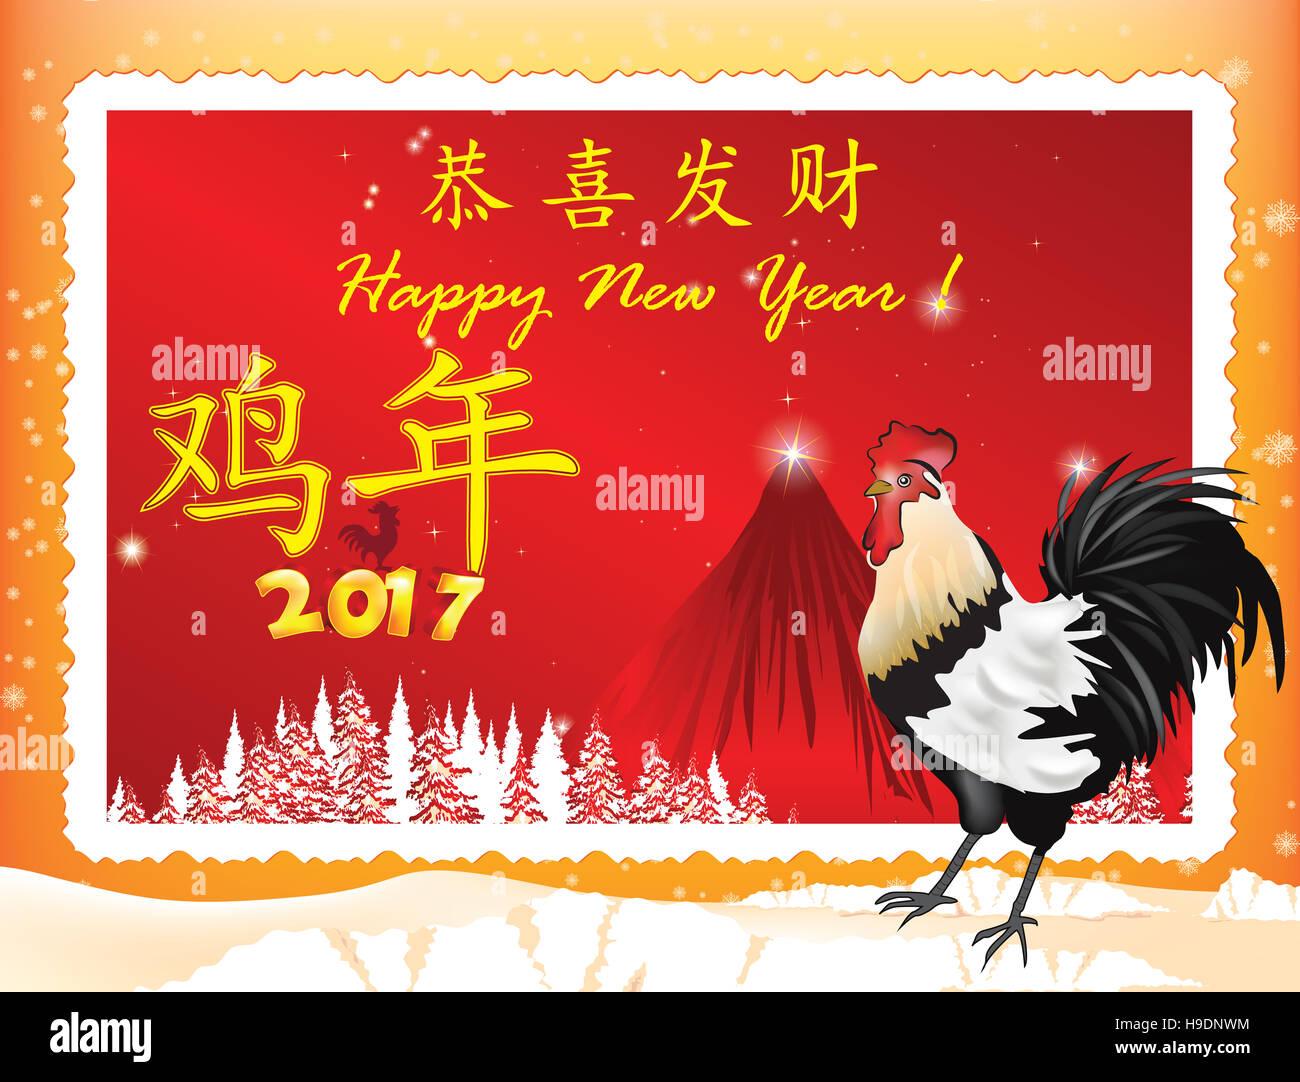 тренировочная открытка китайского нового года 2017 ведь повседневной